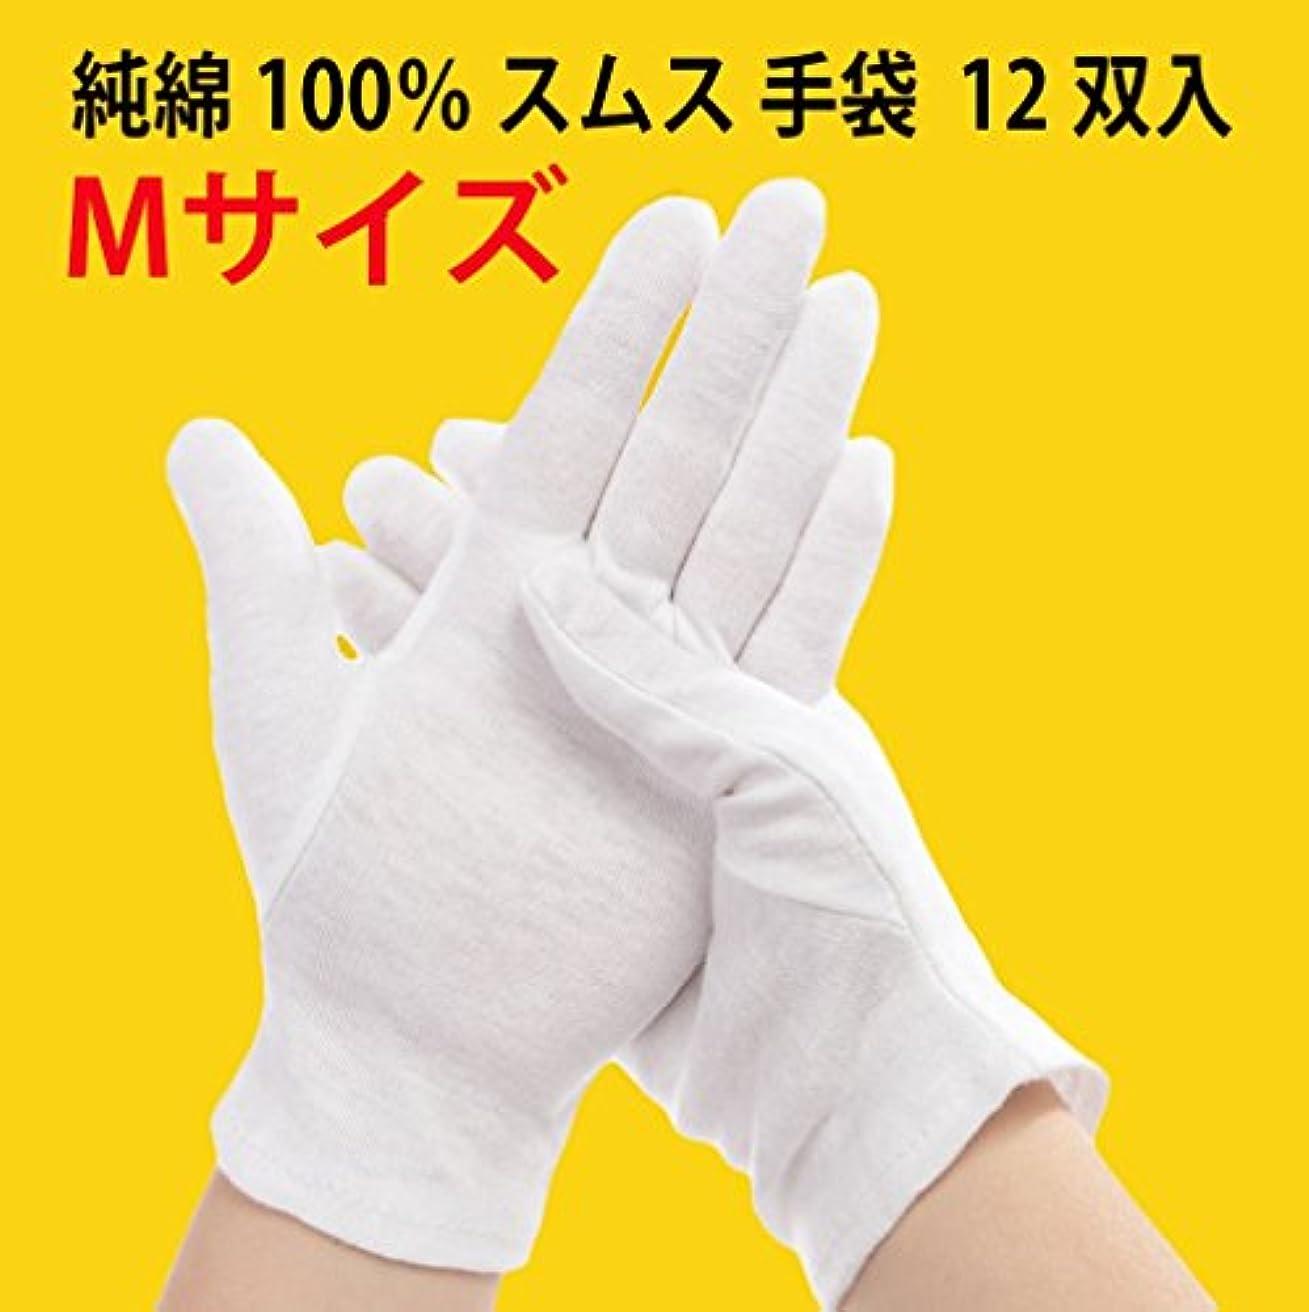 専門休憩モニター純綿100% スムス 手袋 Mサイズ 12双 多用途 101115